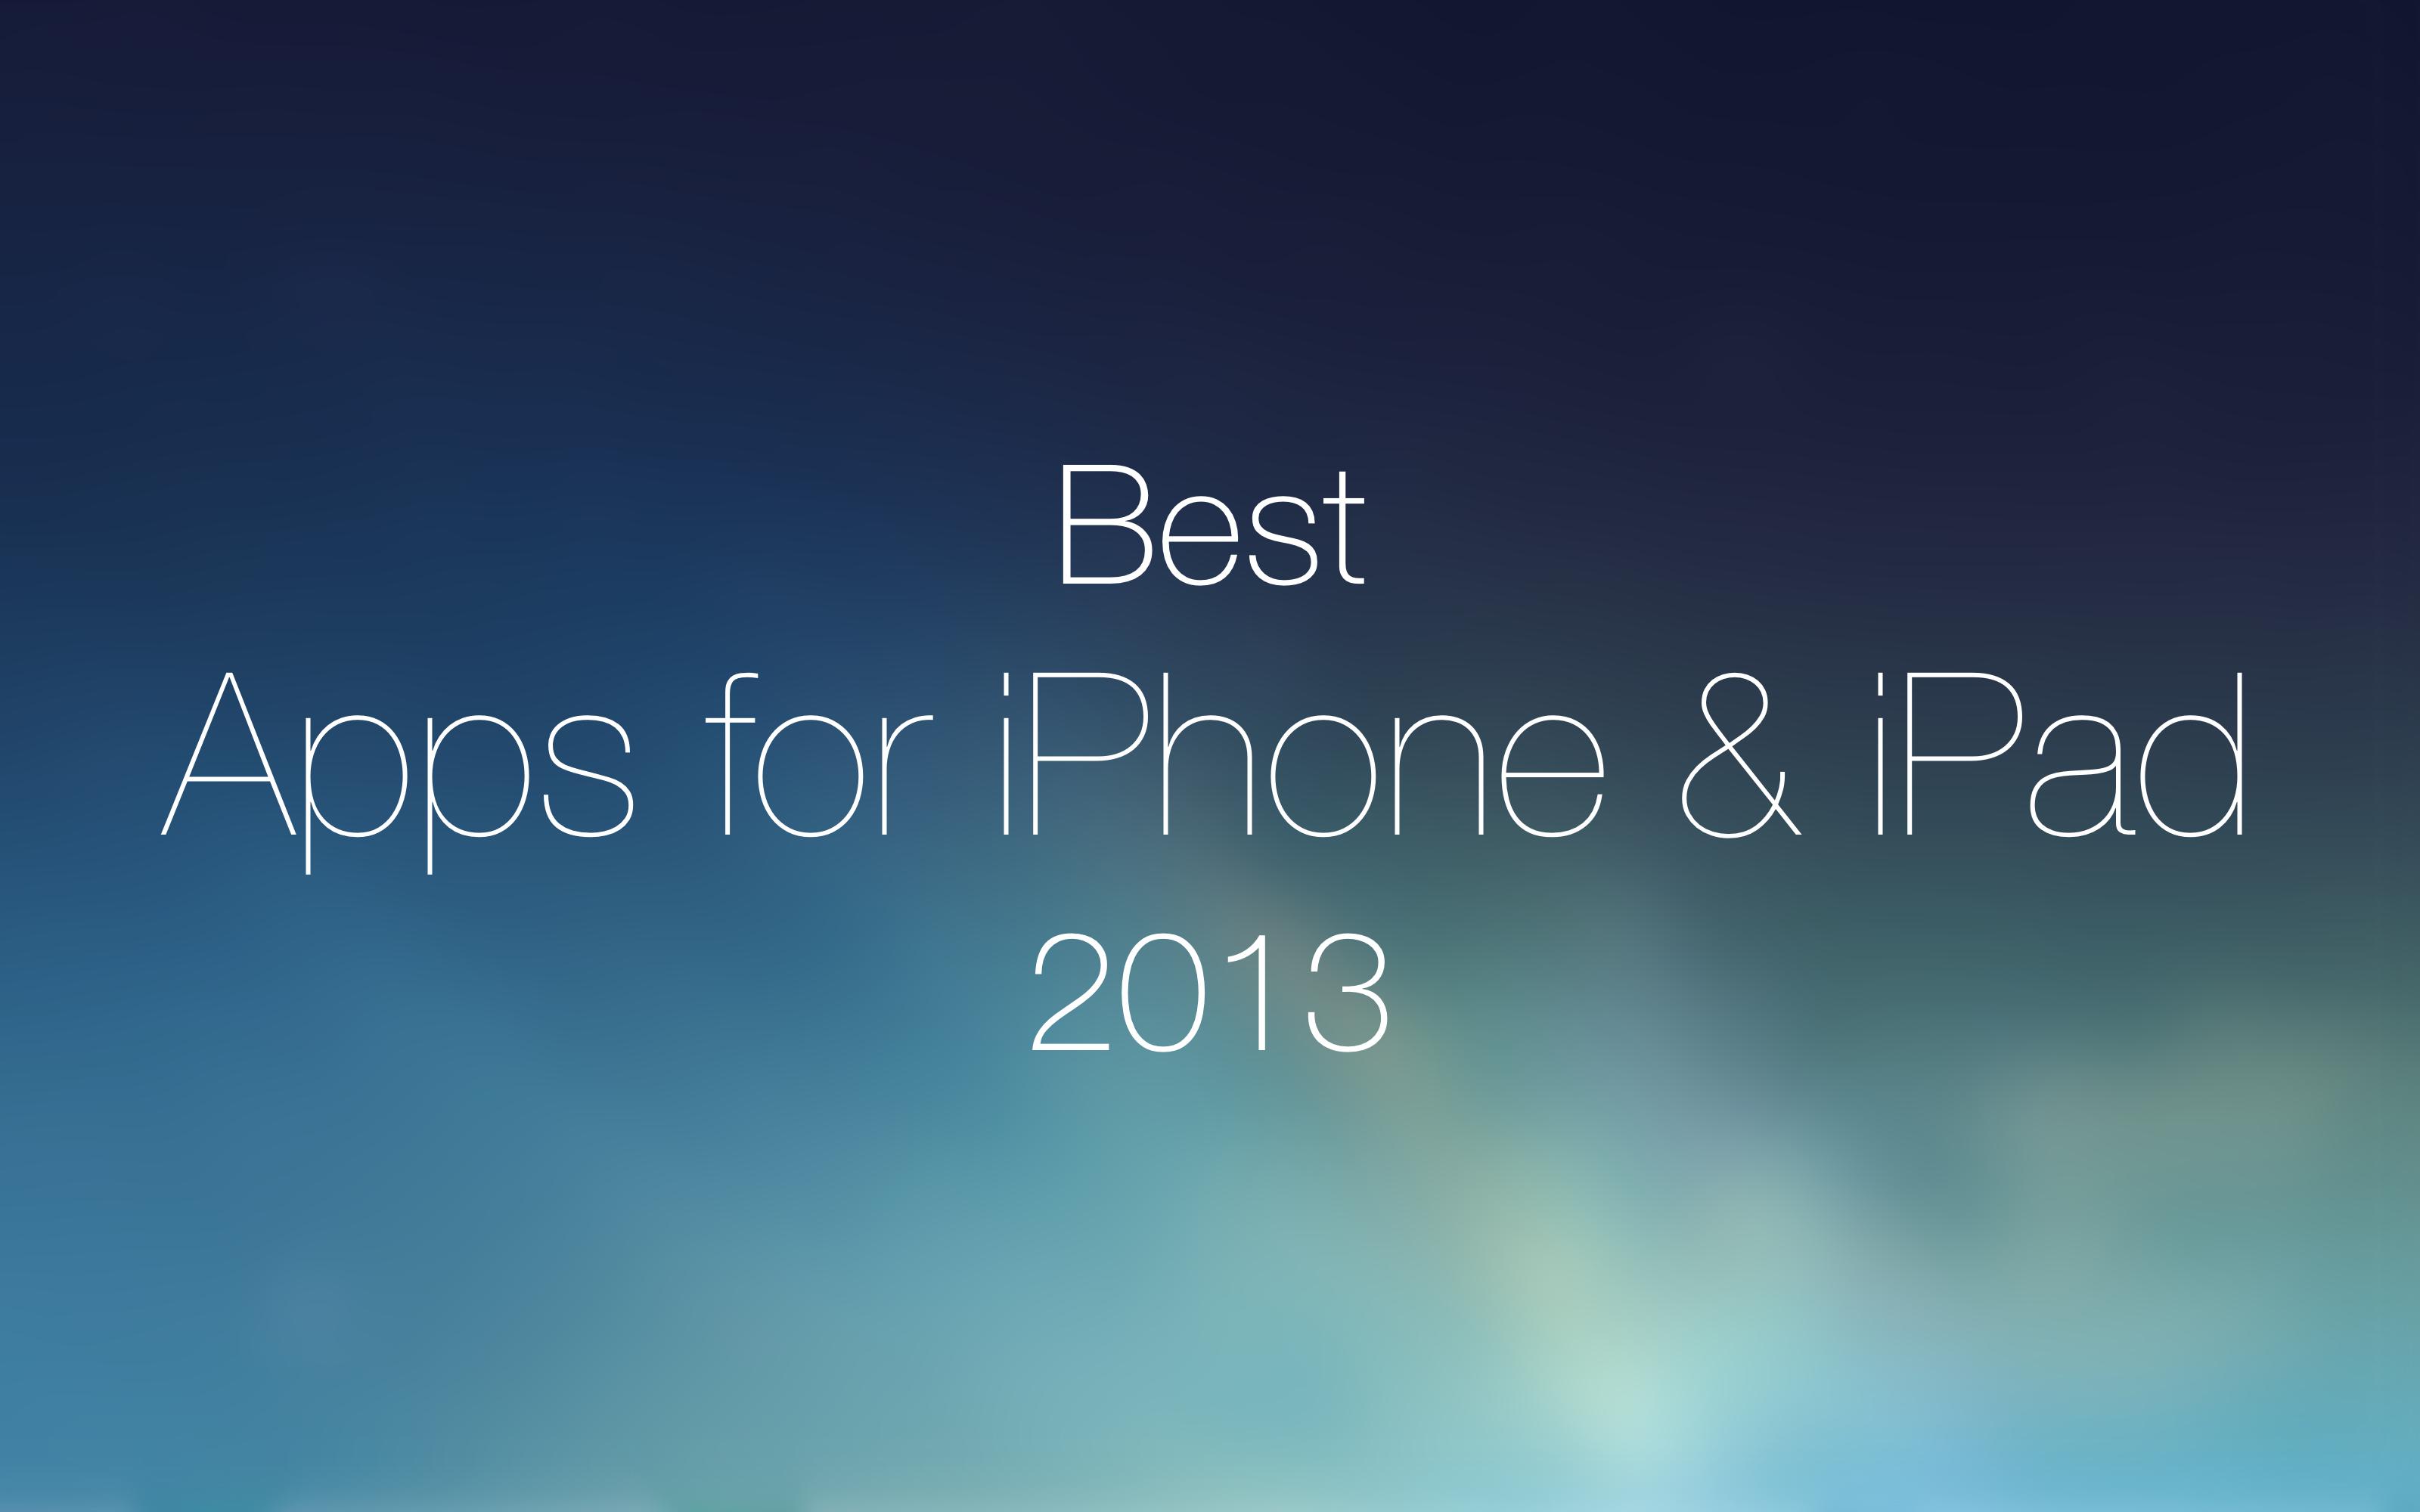 Лучшие приложения для iPhone 2013 года